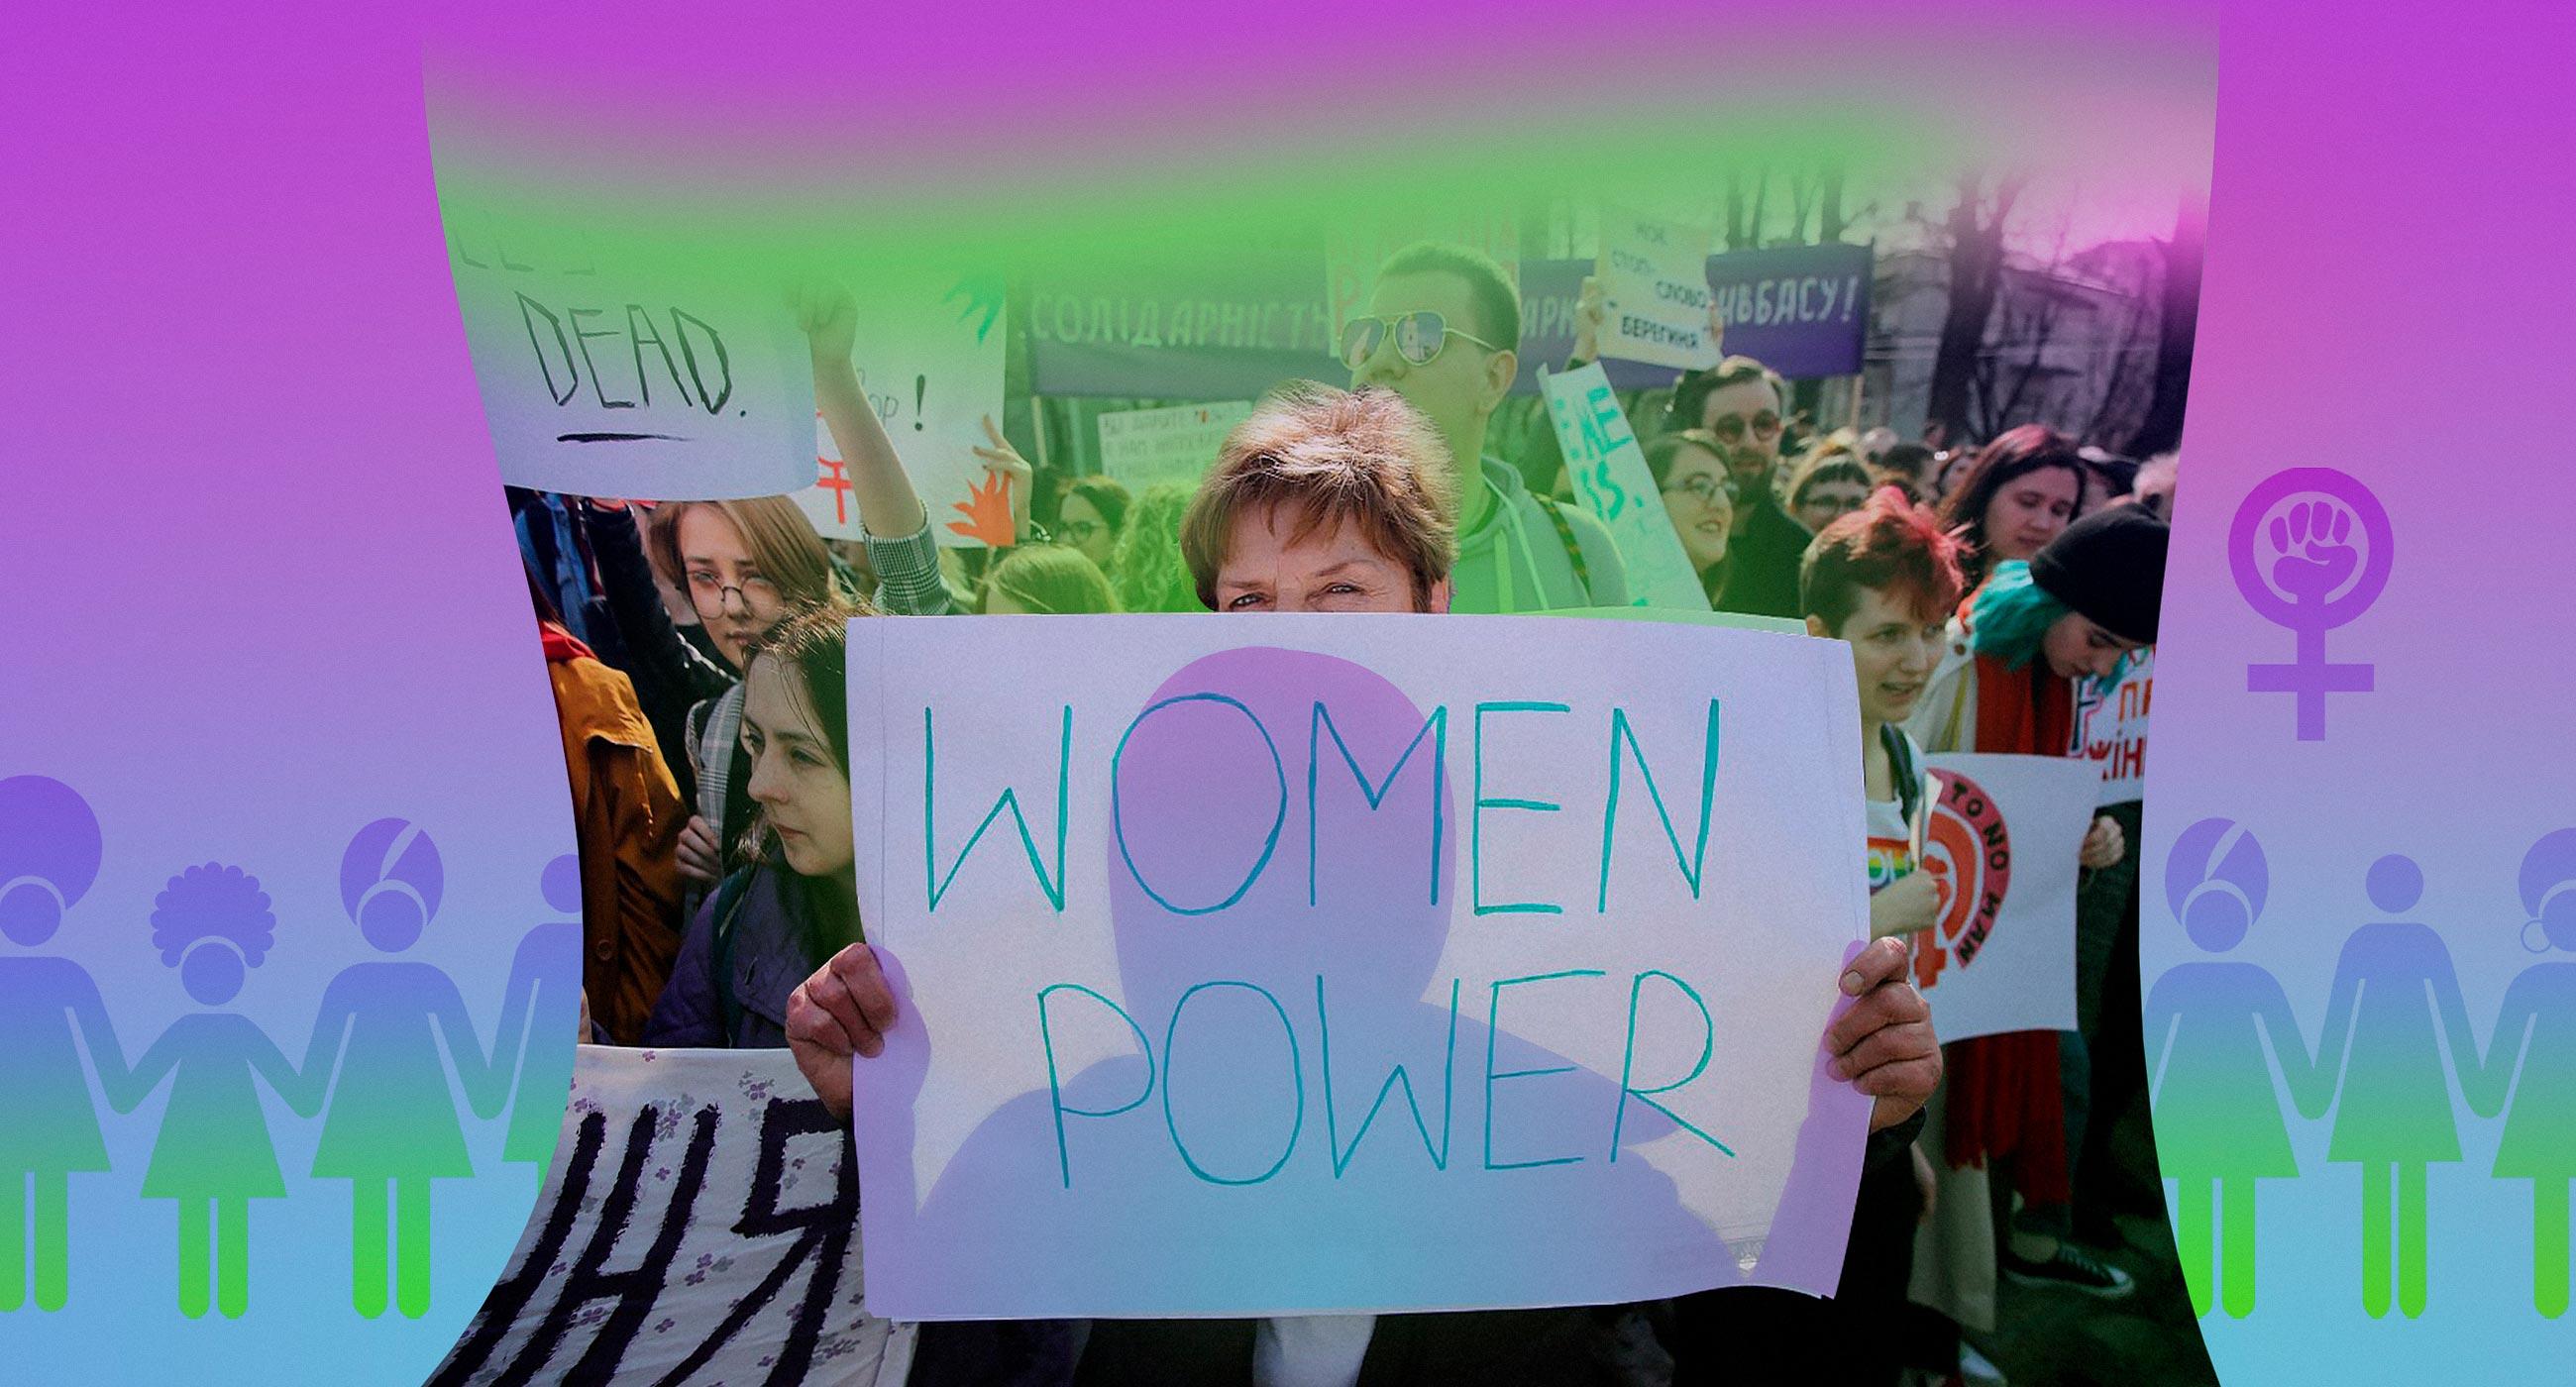 Как готовят марш за права женщин — с упором на безопасность и без поддержки государства